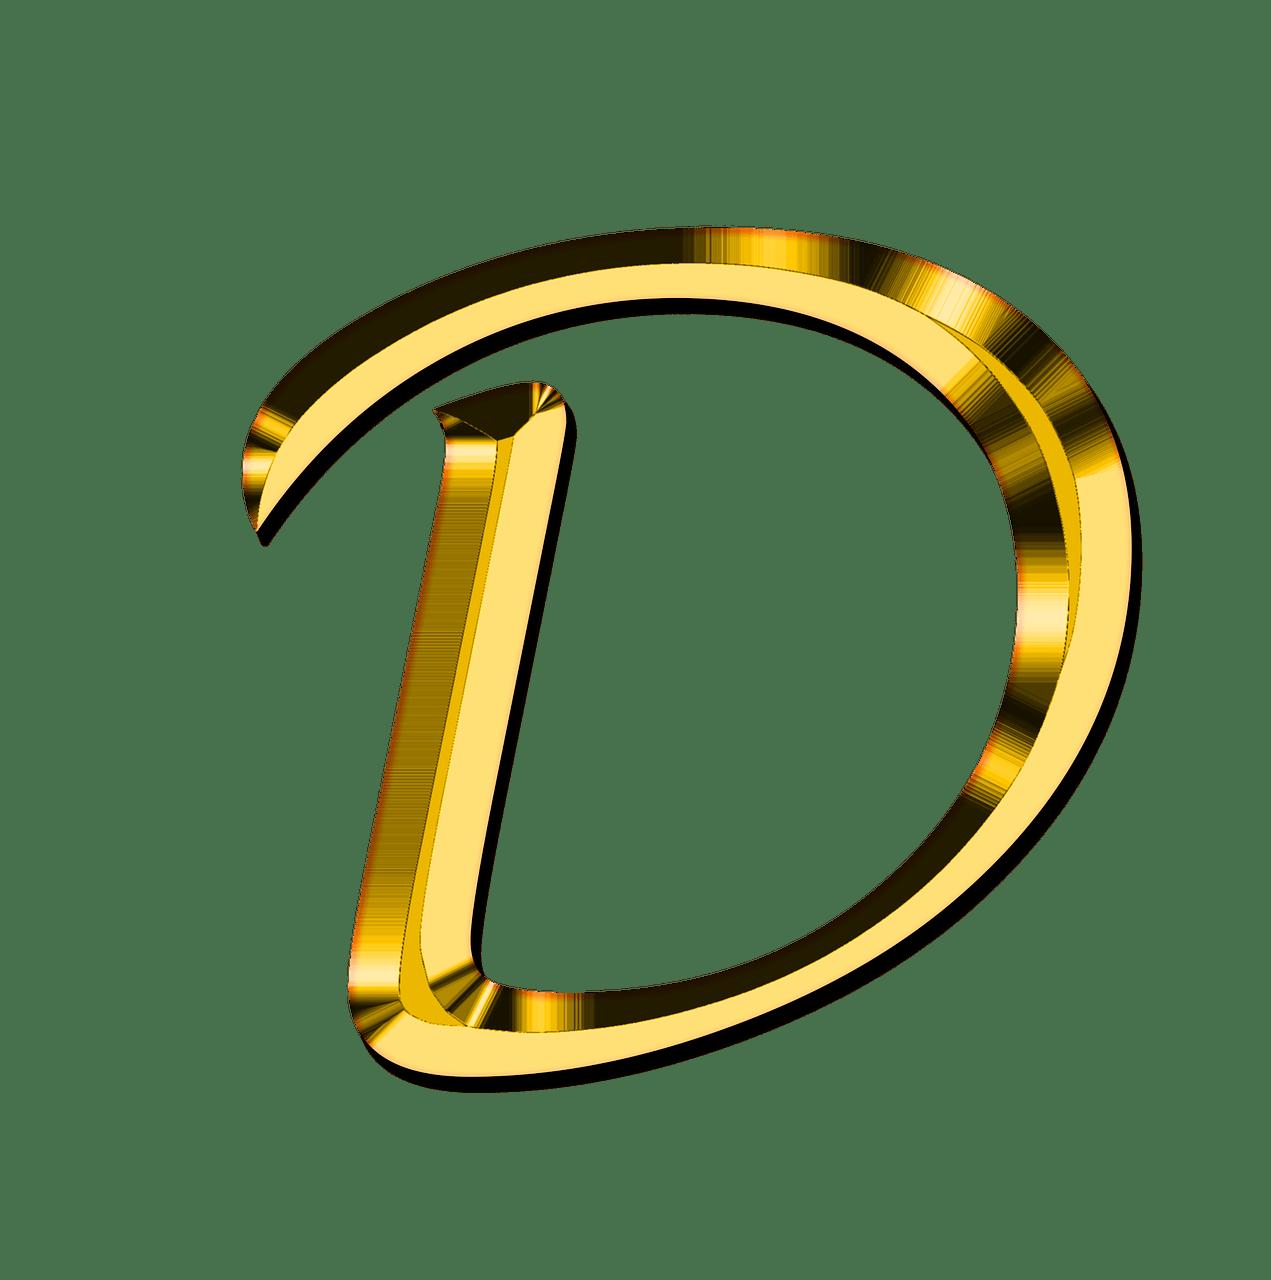 D Transparent Grude Interpretomics Co